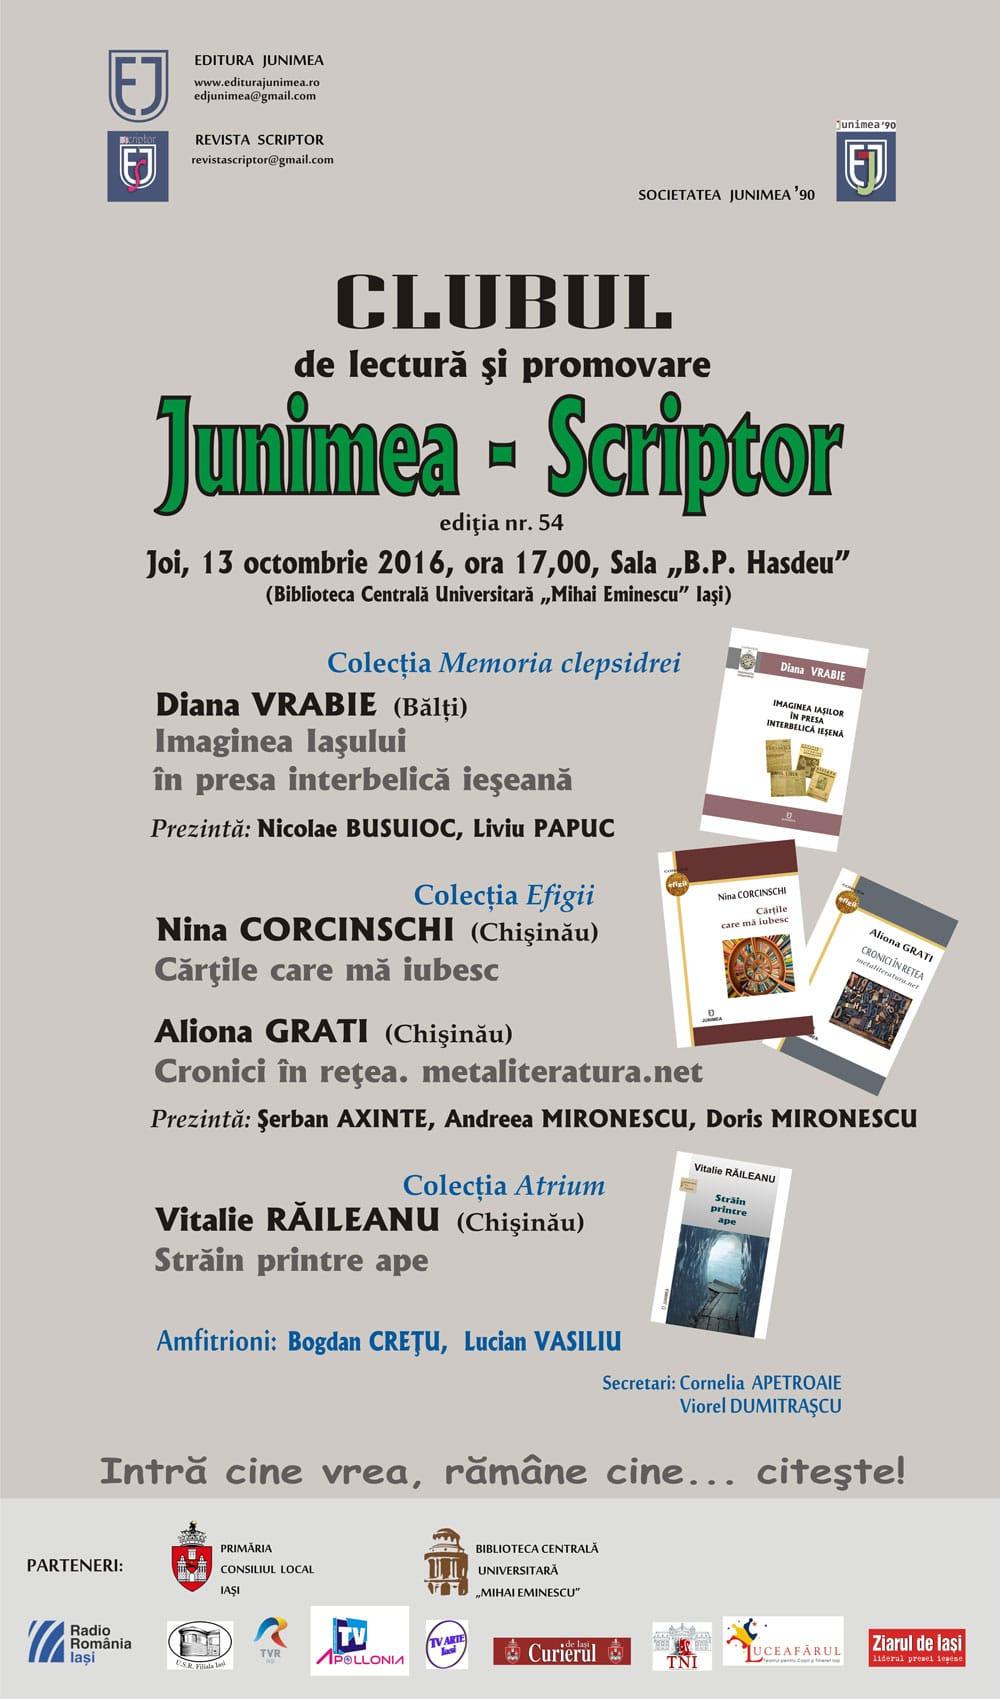 afis-clubul-junimiea-scriptor-13-oct-2016